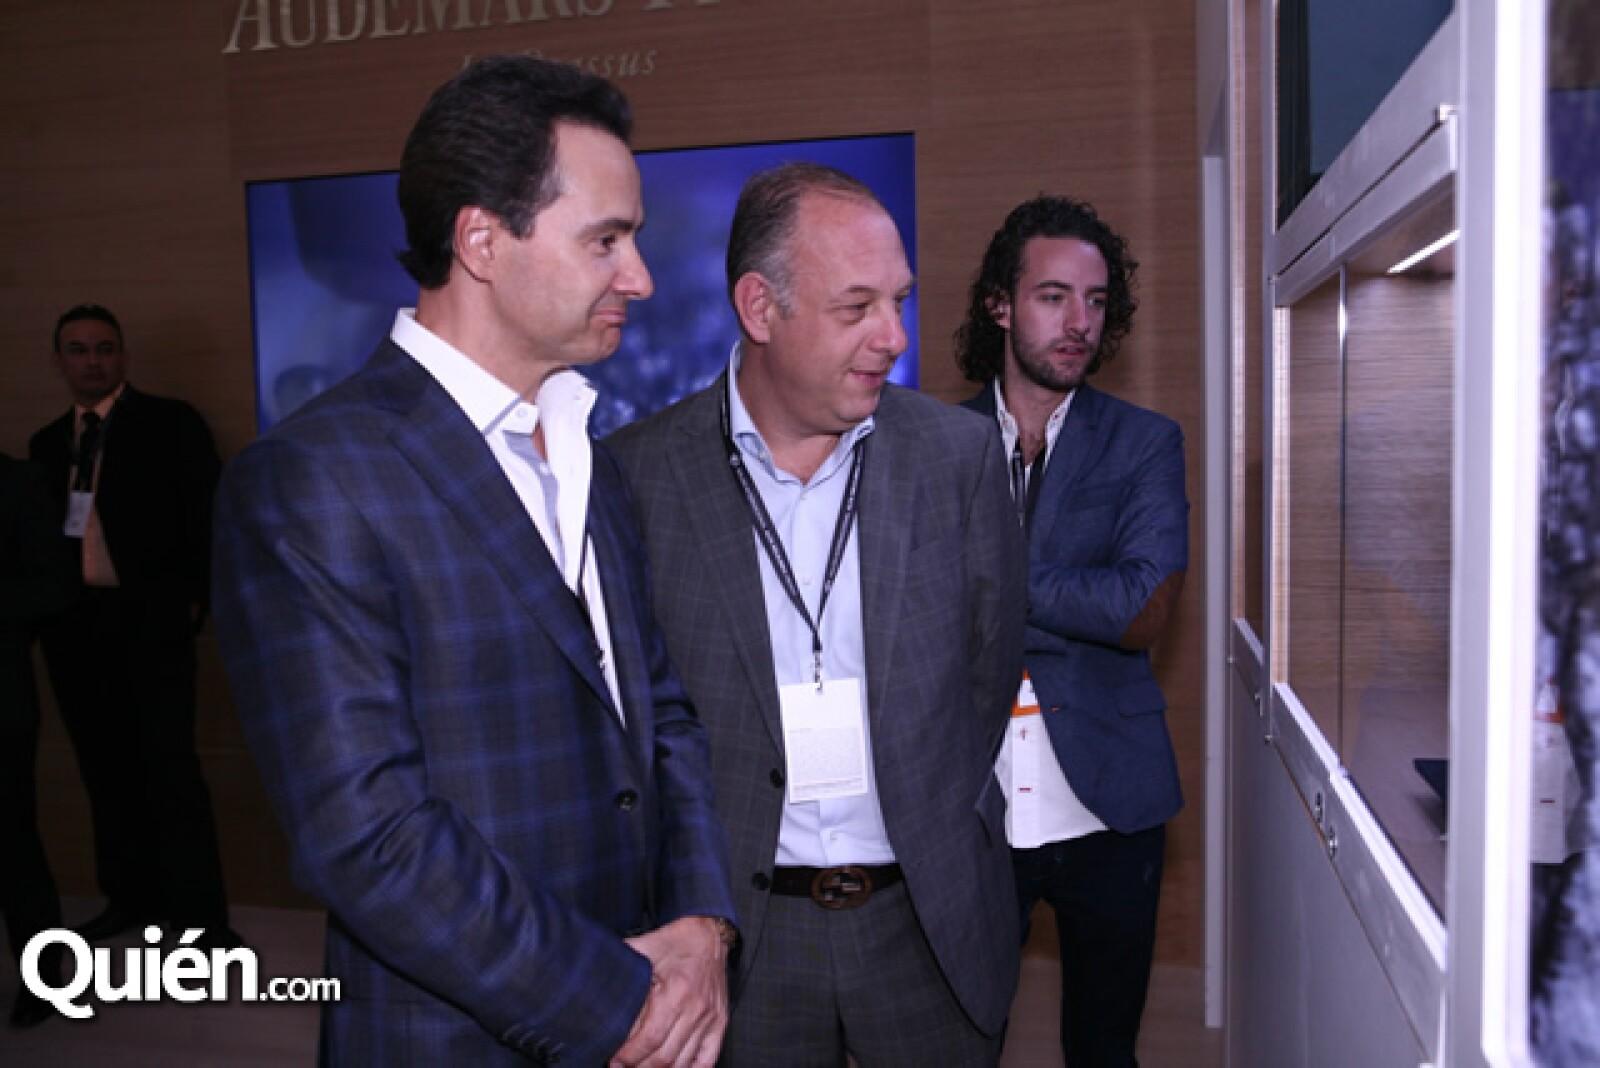 Alejandro Campo,Ari Berger,Alex Berger